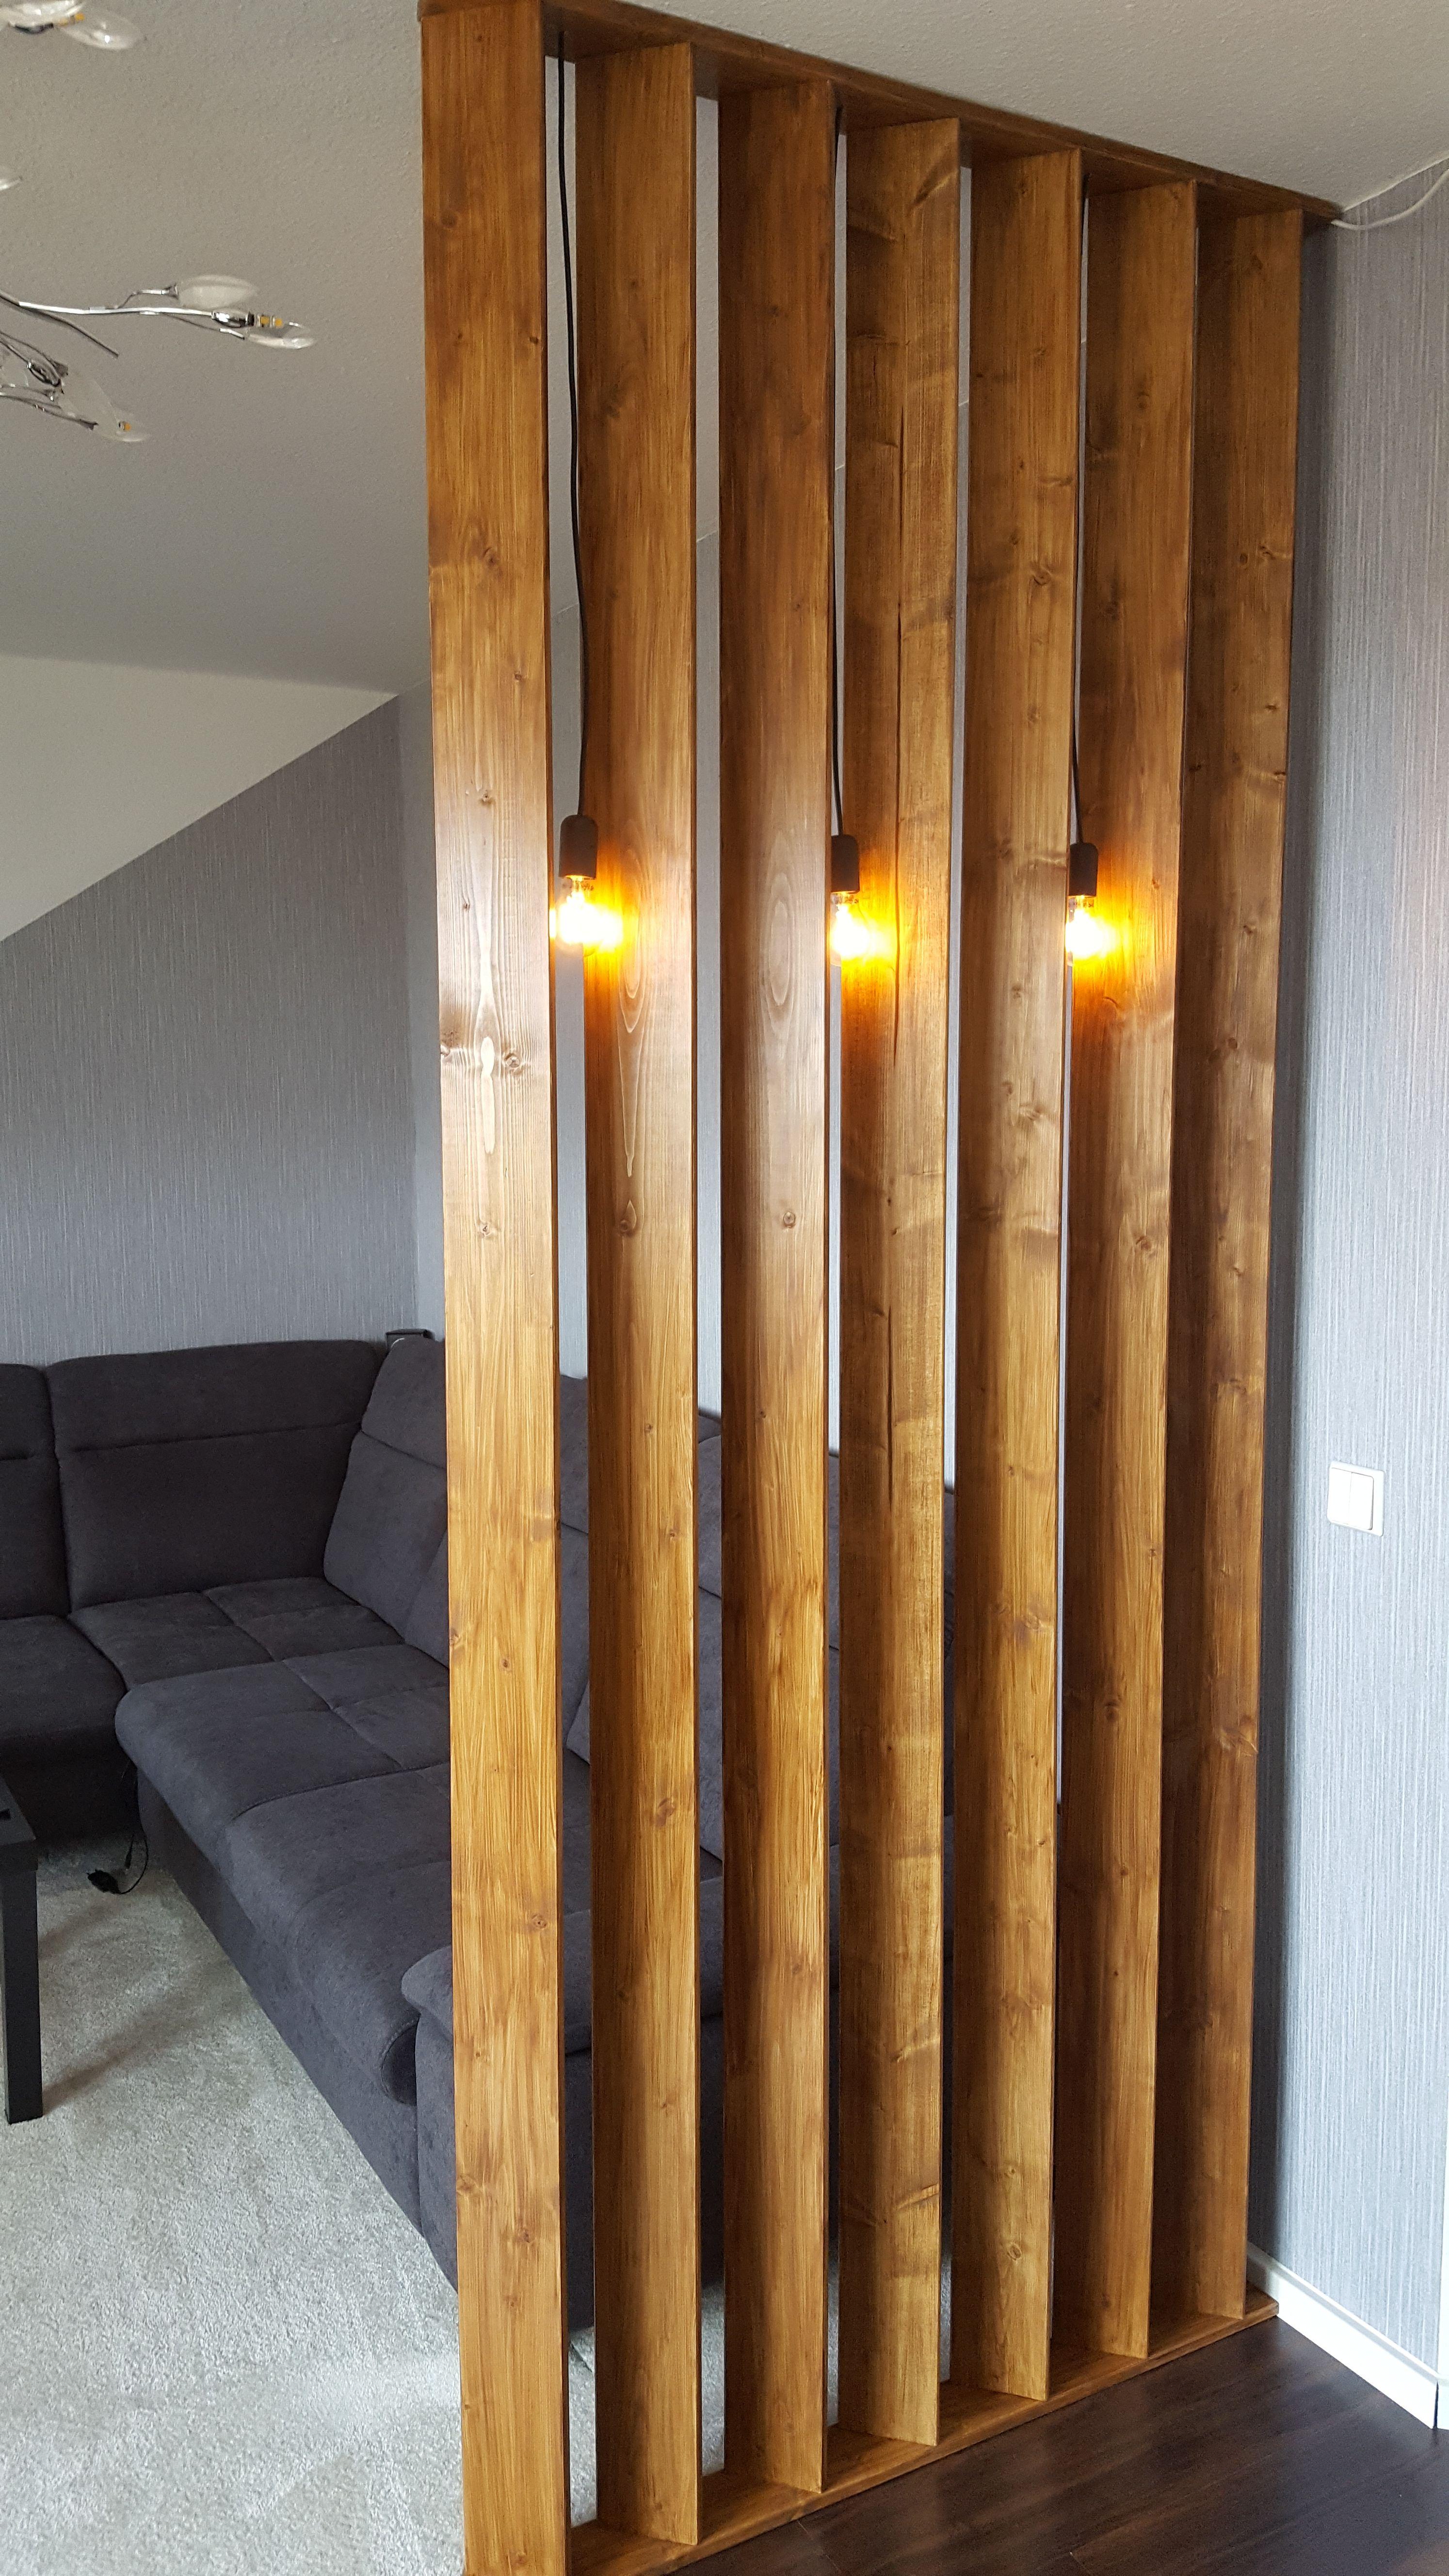 Raumteiler Holz  Raumteiler holz, Raumteiler, Raumteiler ideen